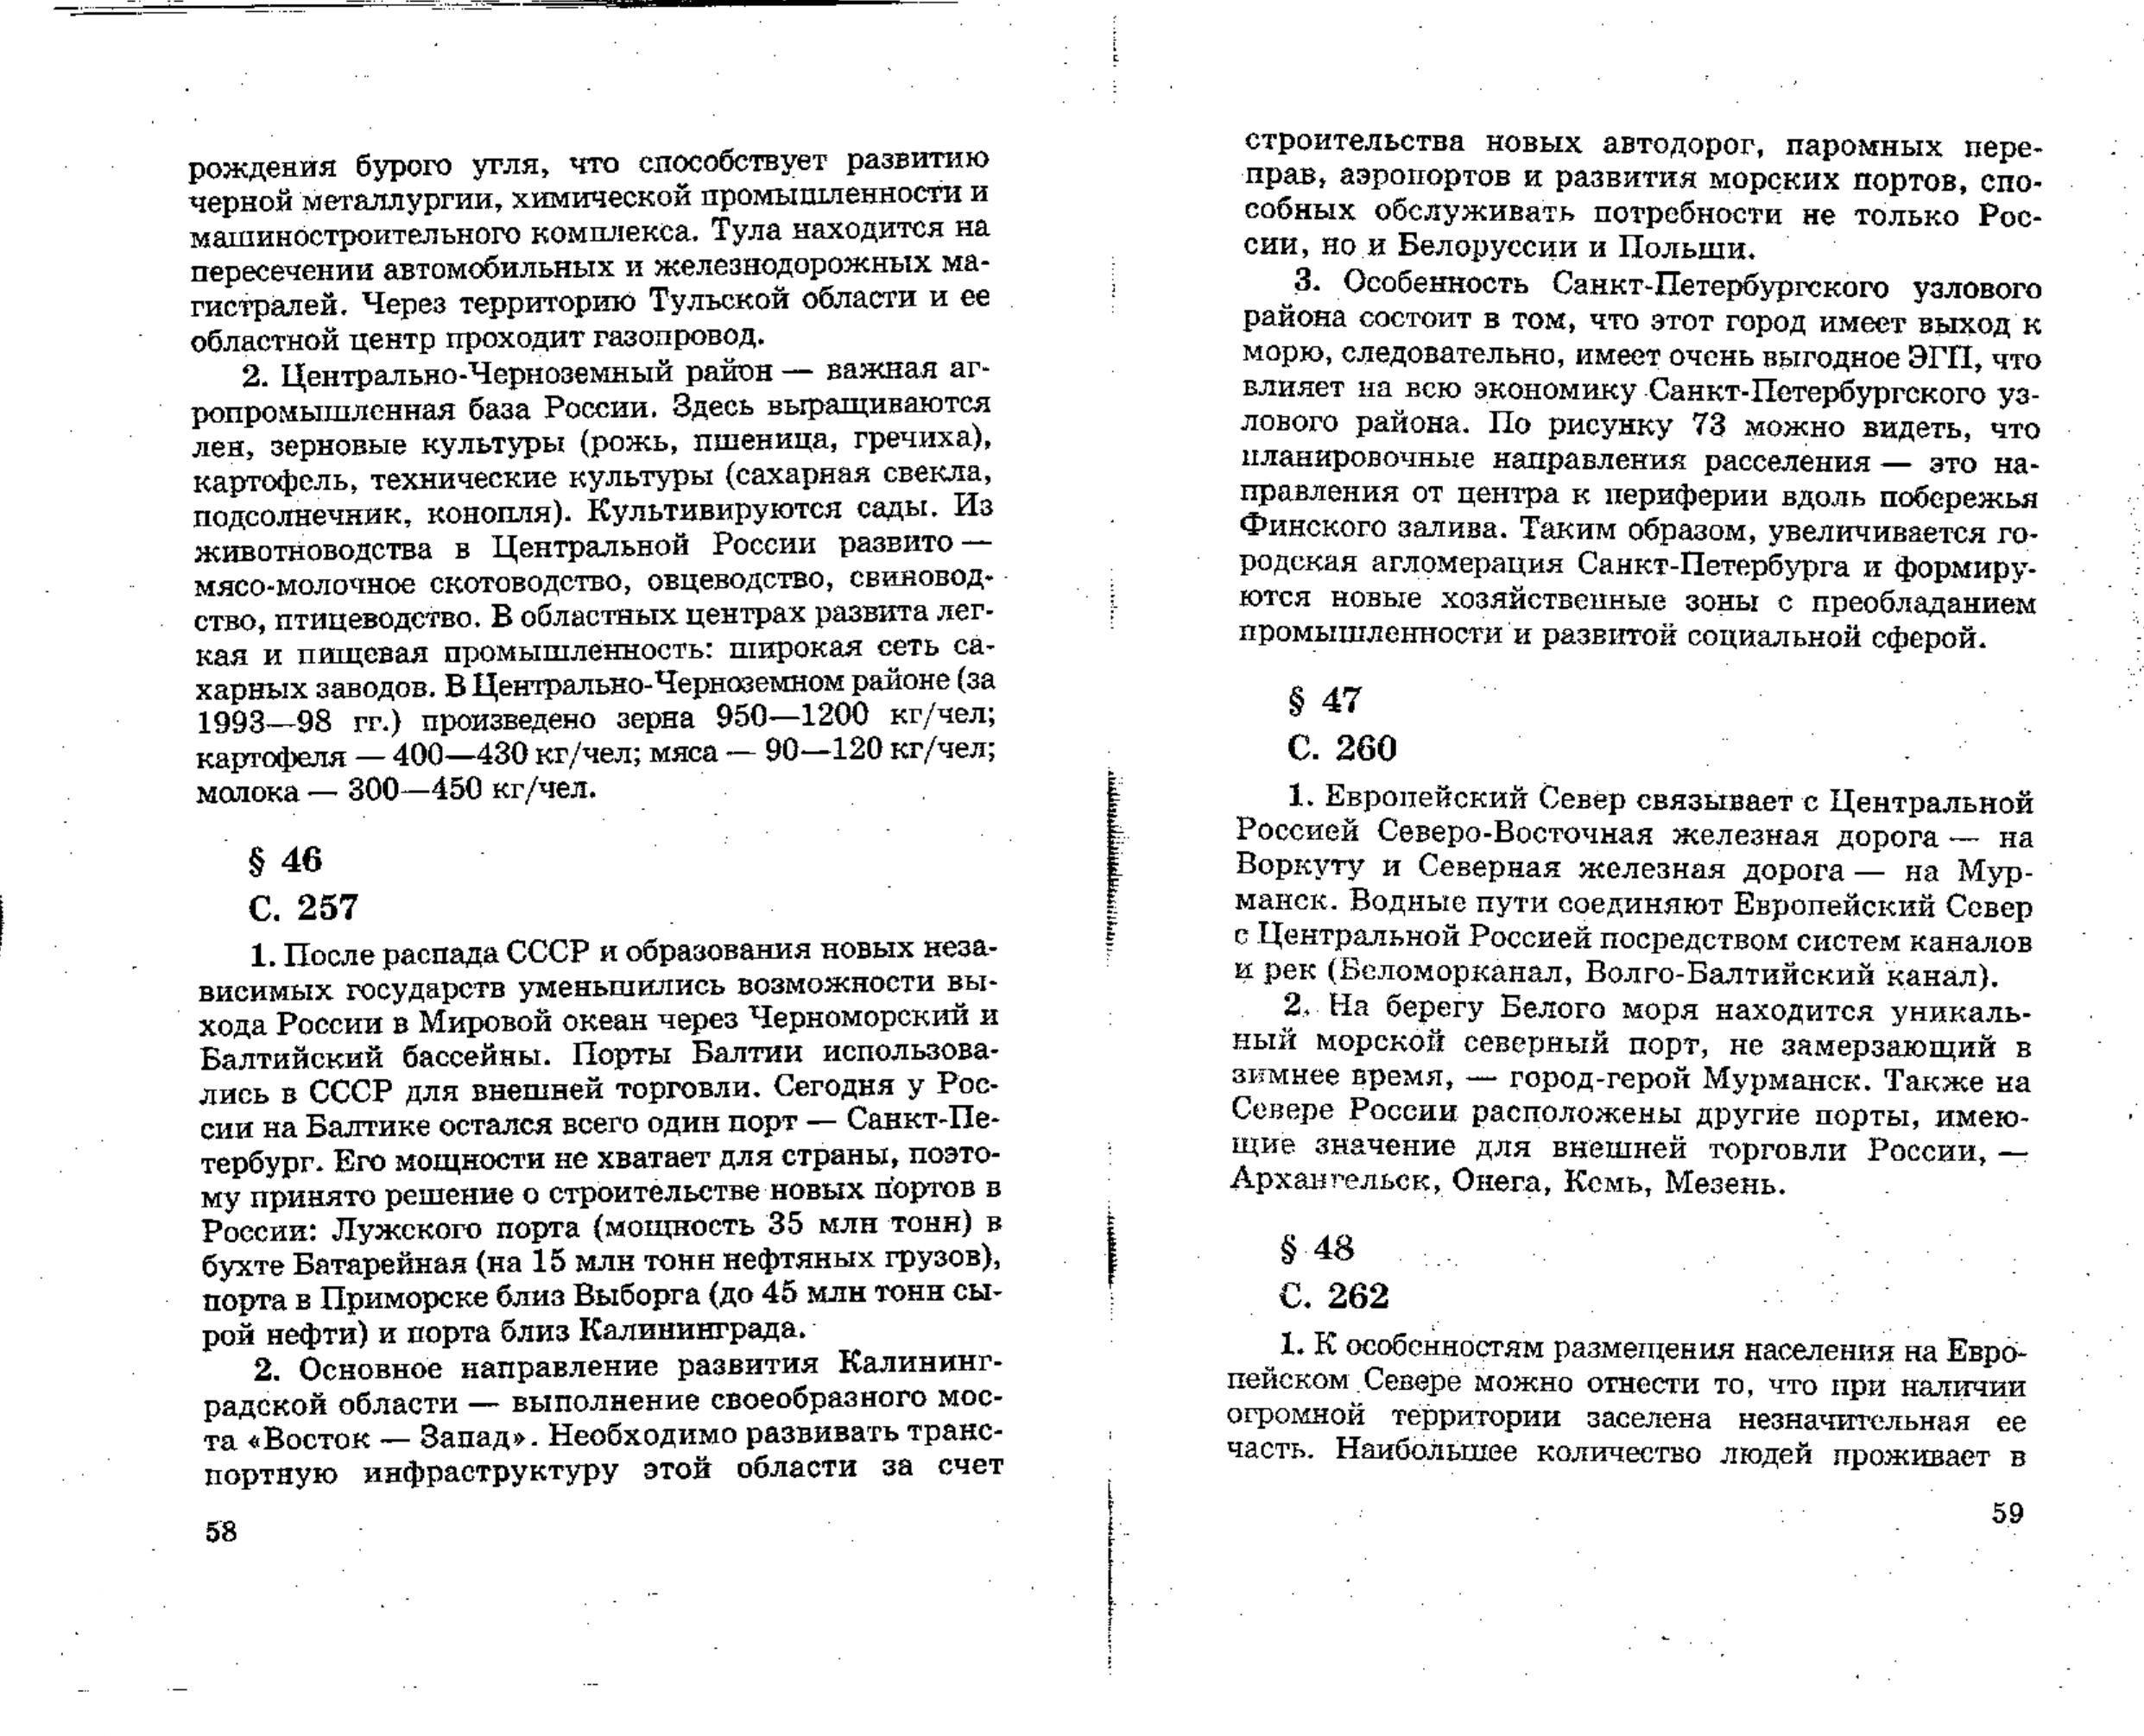 Гдз по истории росси за класс по р.т коротковой